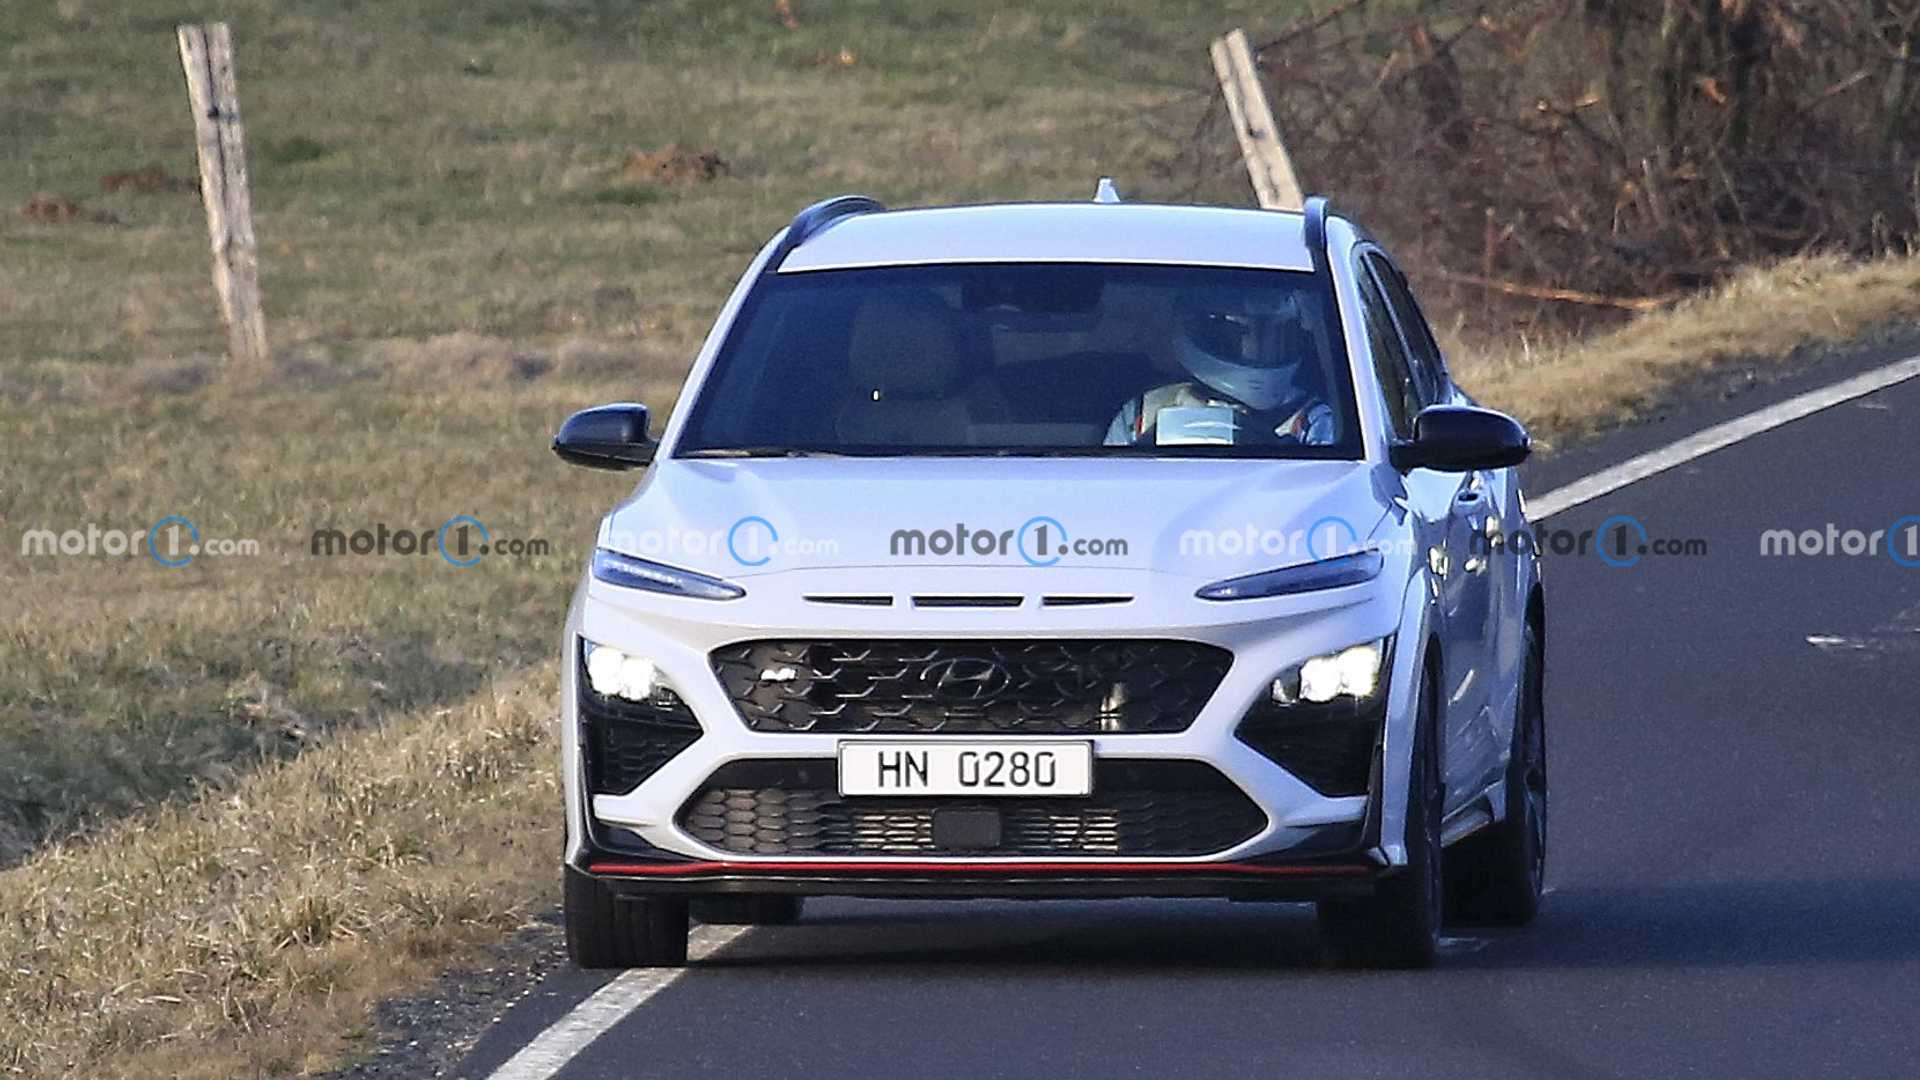 Spy photo of Hyundai Kona N without camouflage